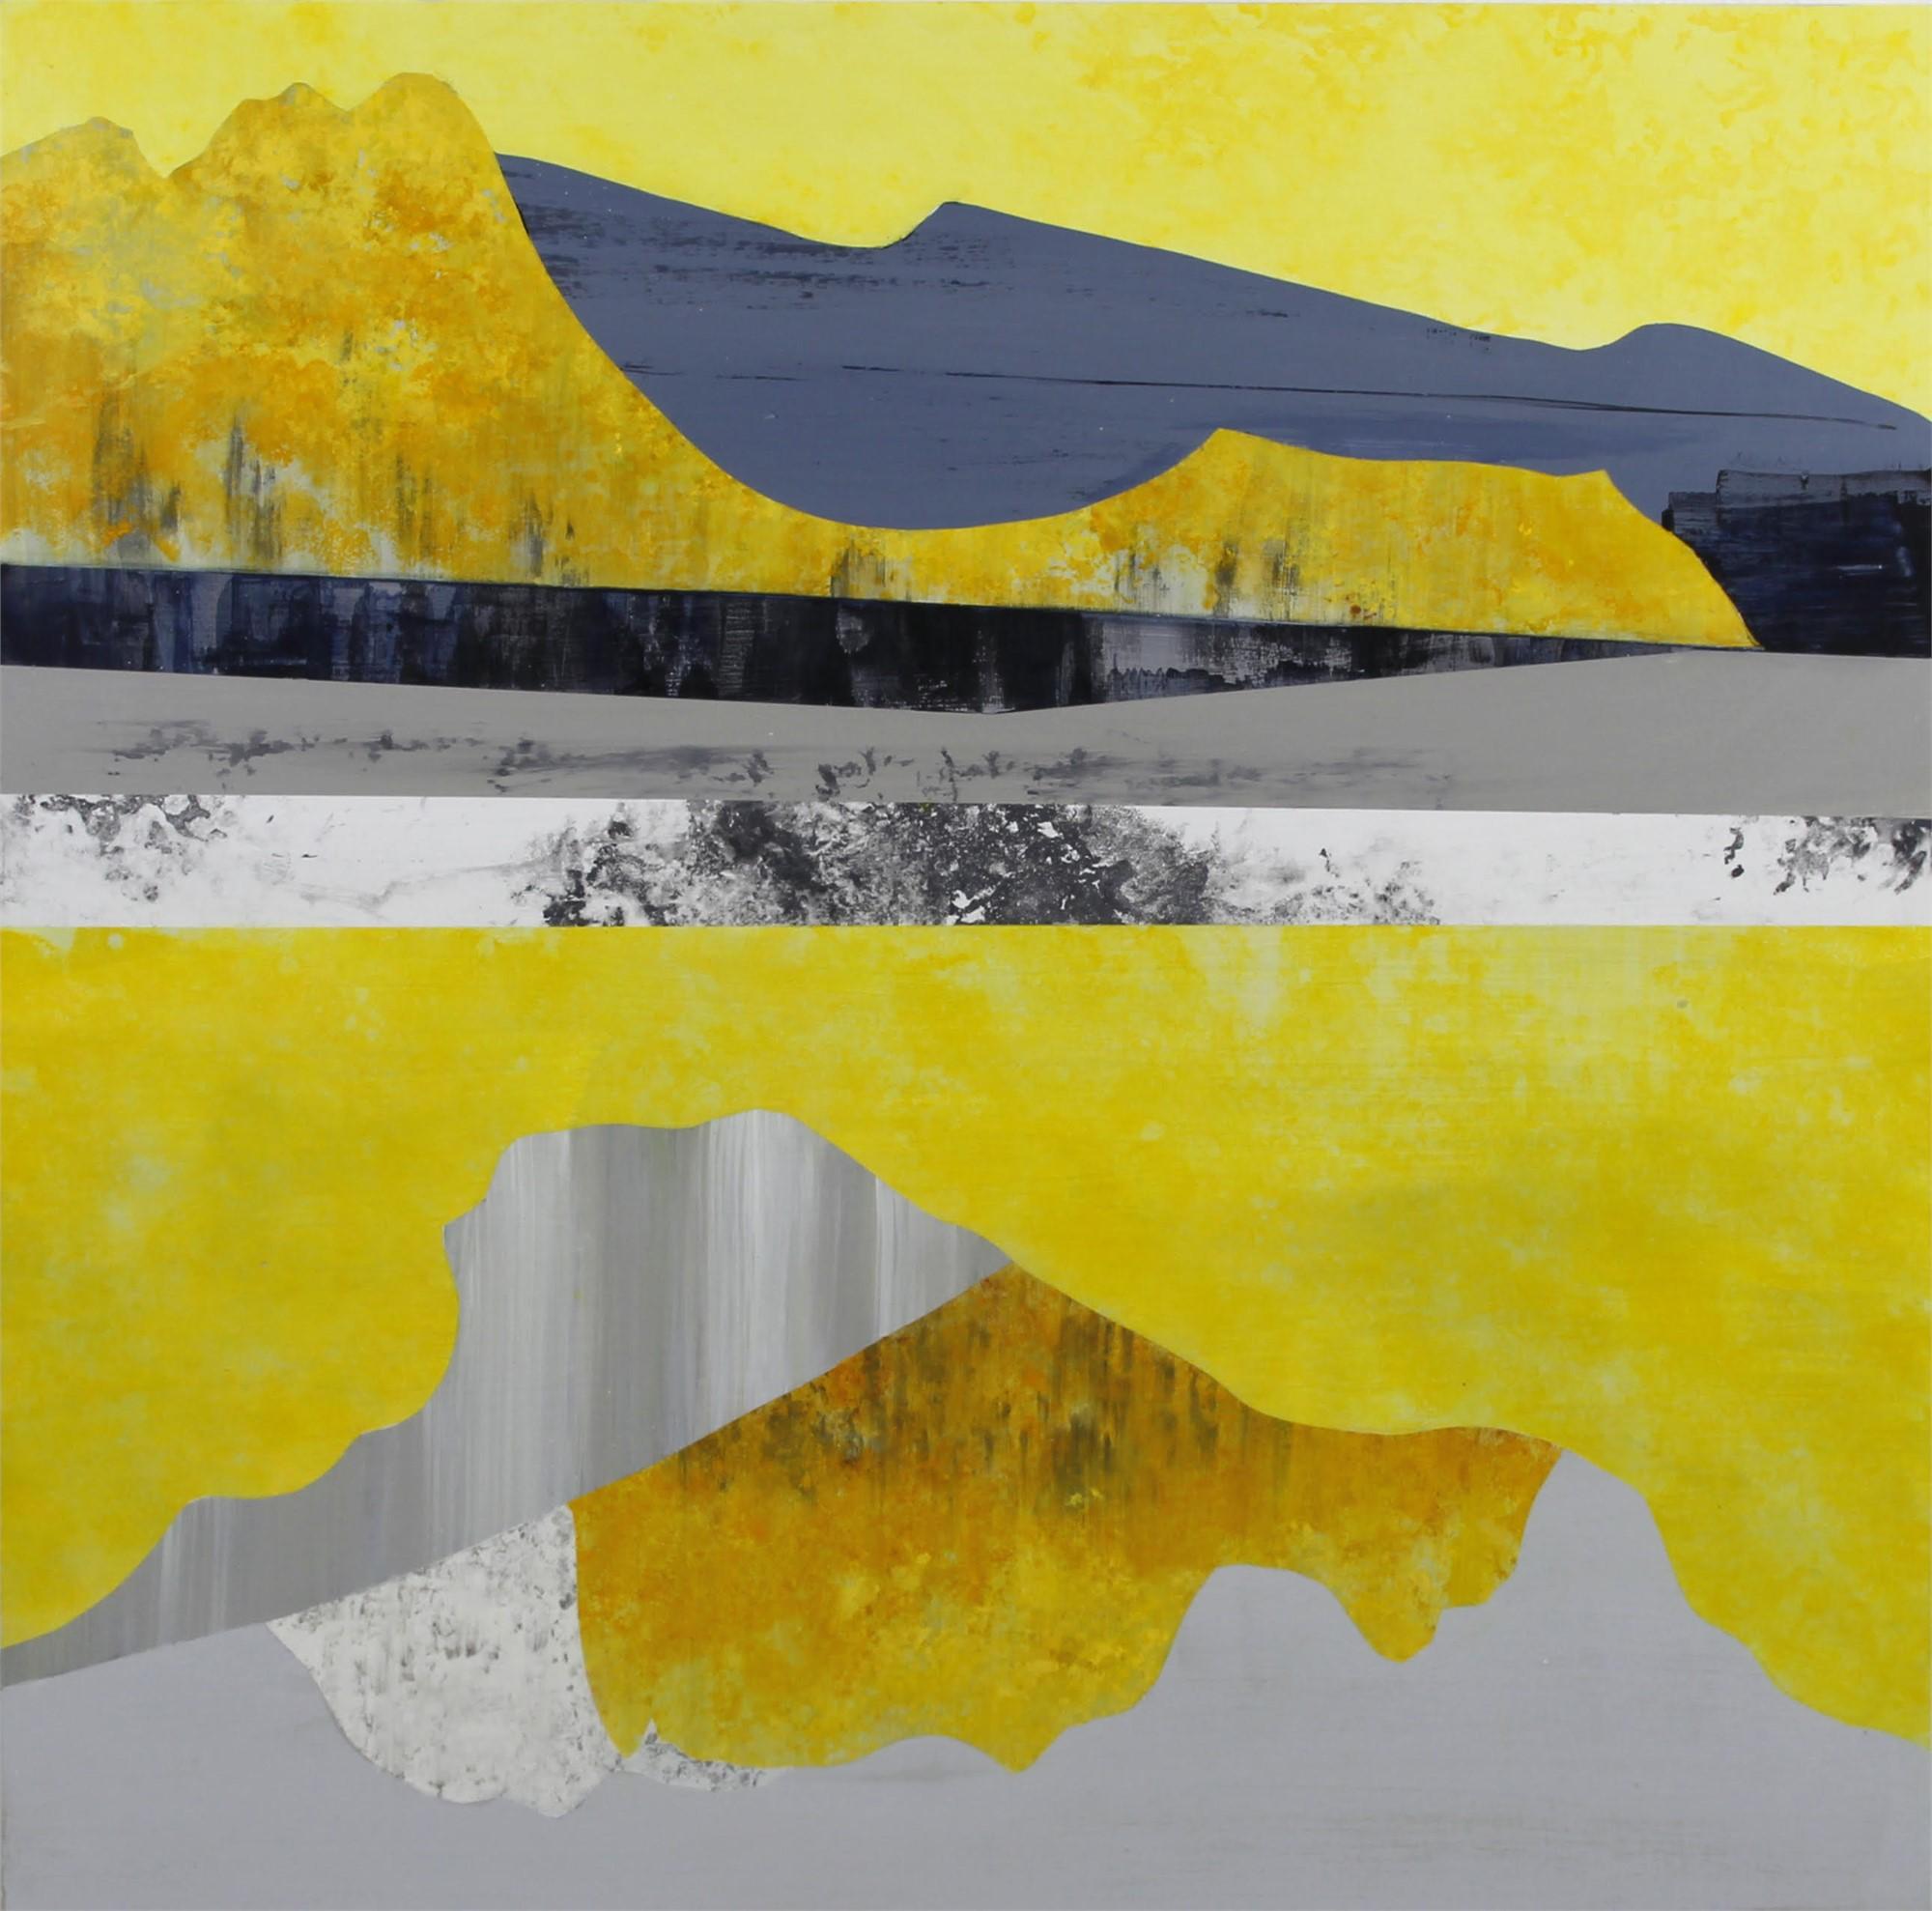 Yellow Aspen Light by Sarah Winkler